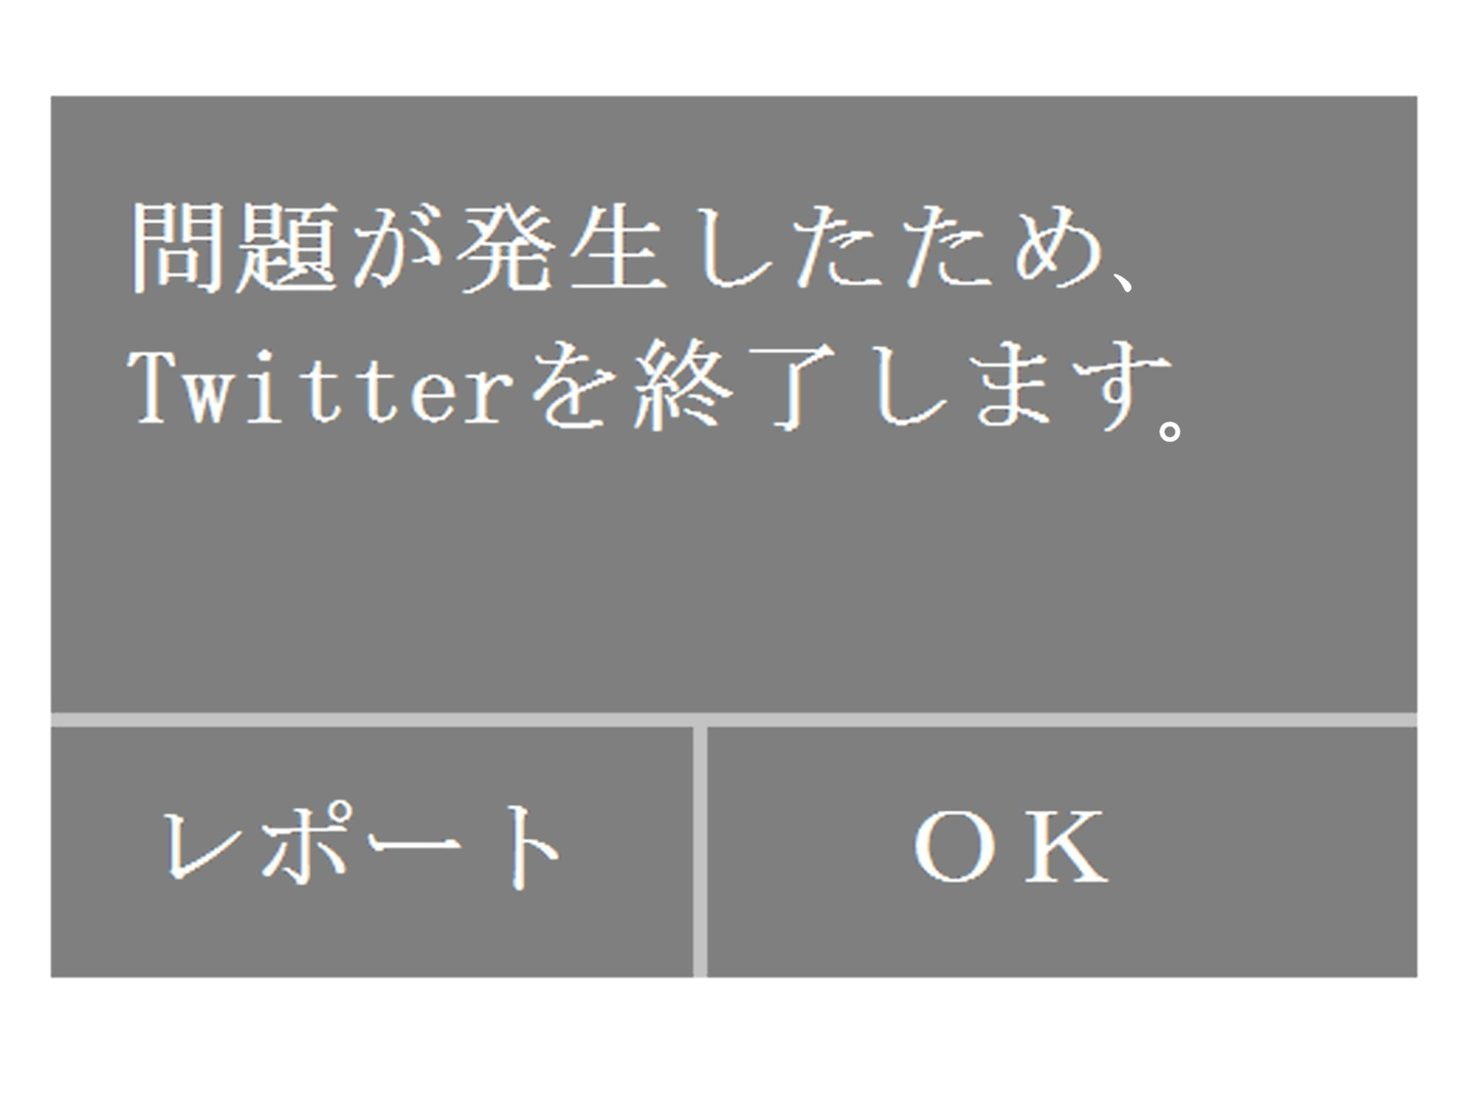 問題が発生したため、Twitterを終了します。というエラーを解決する方法